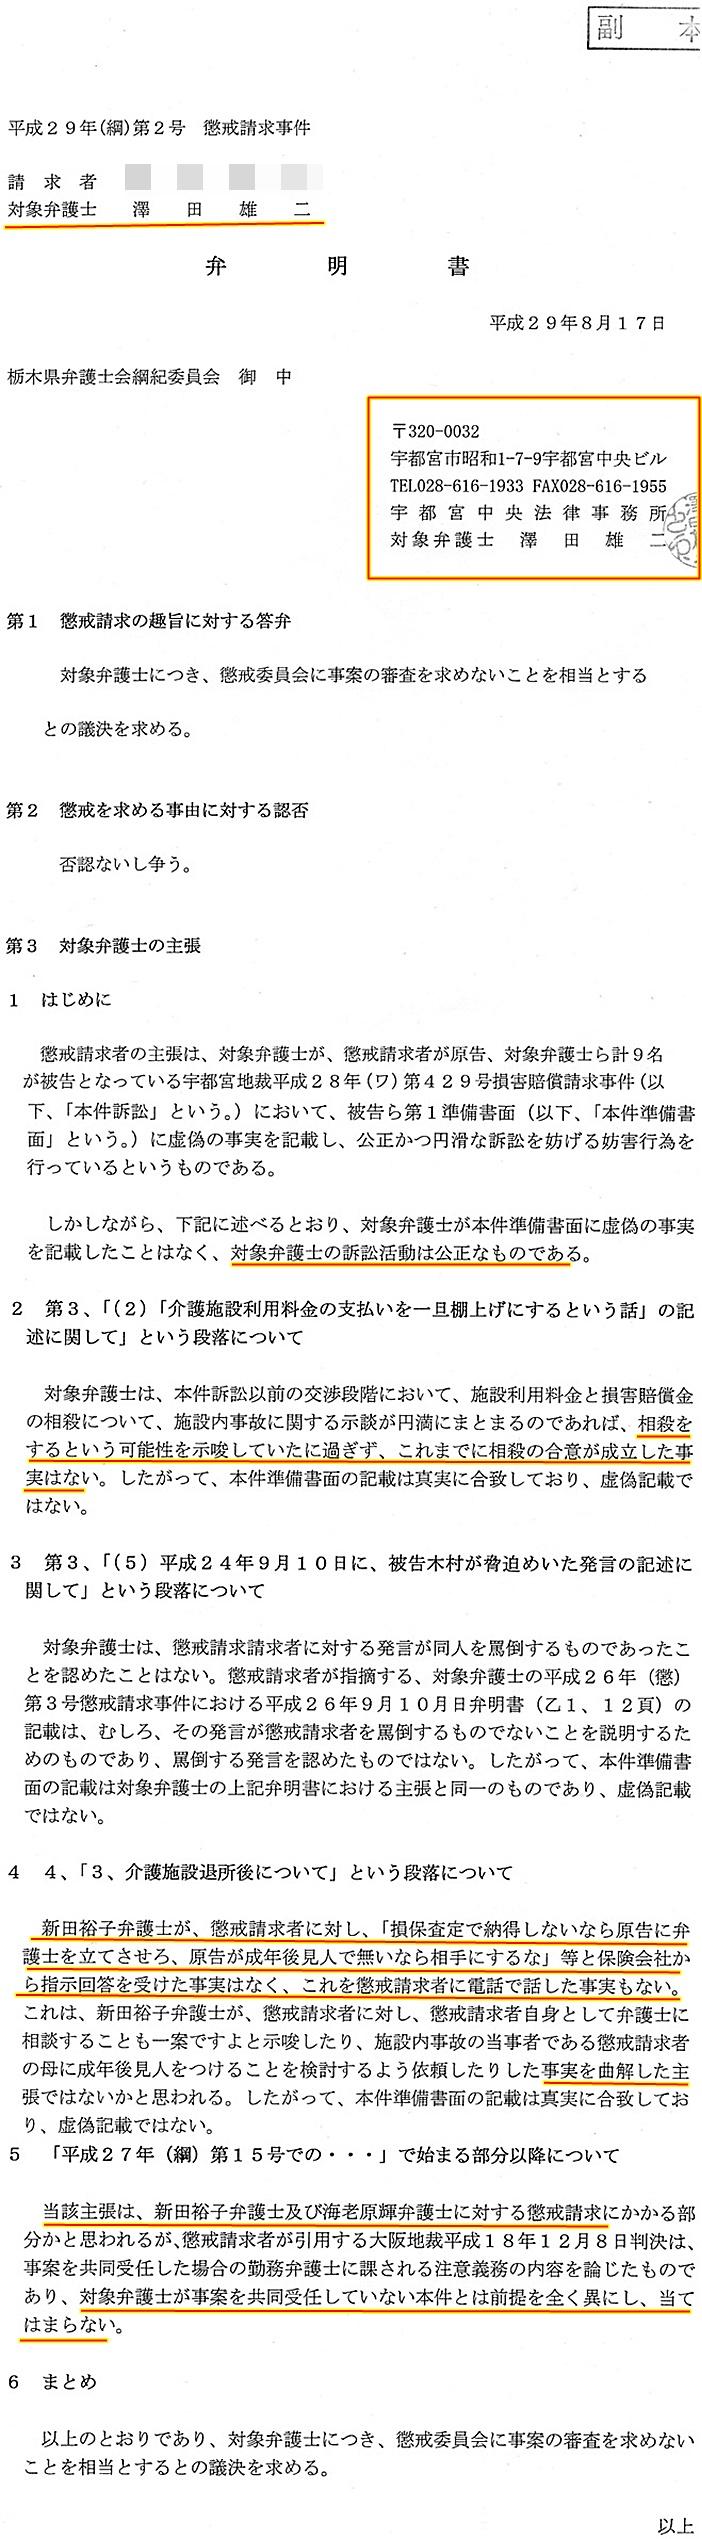 綱紀委員会弁明書 澤田雄二